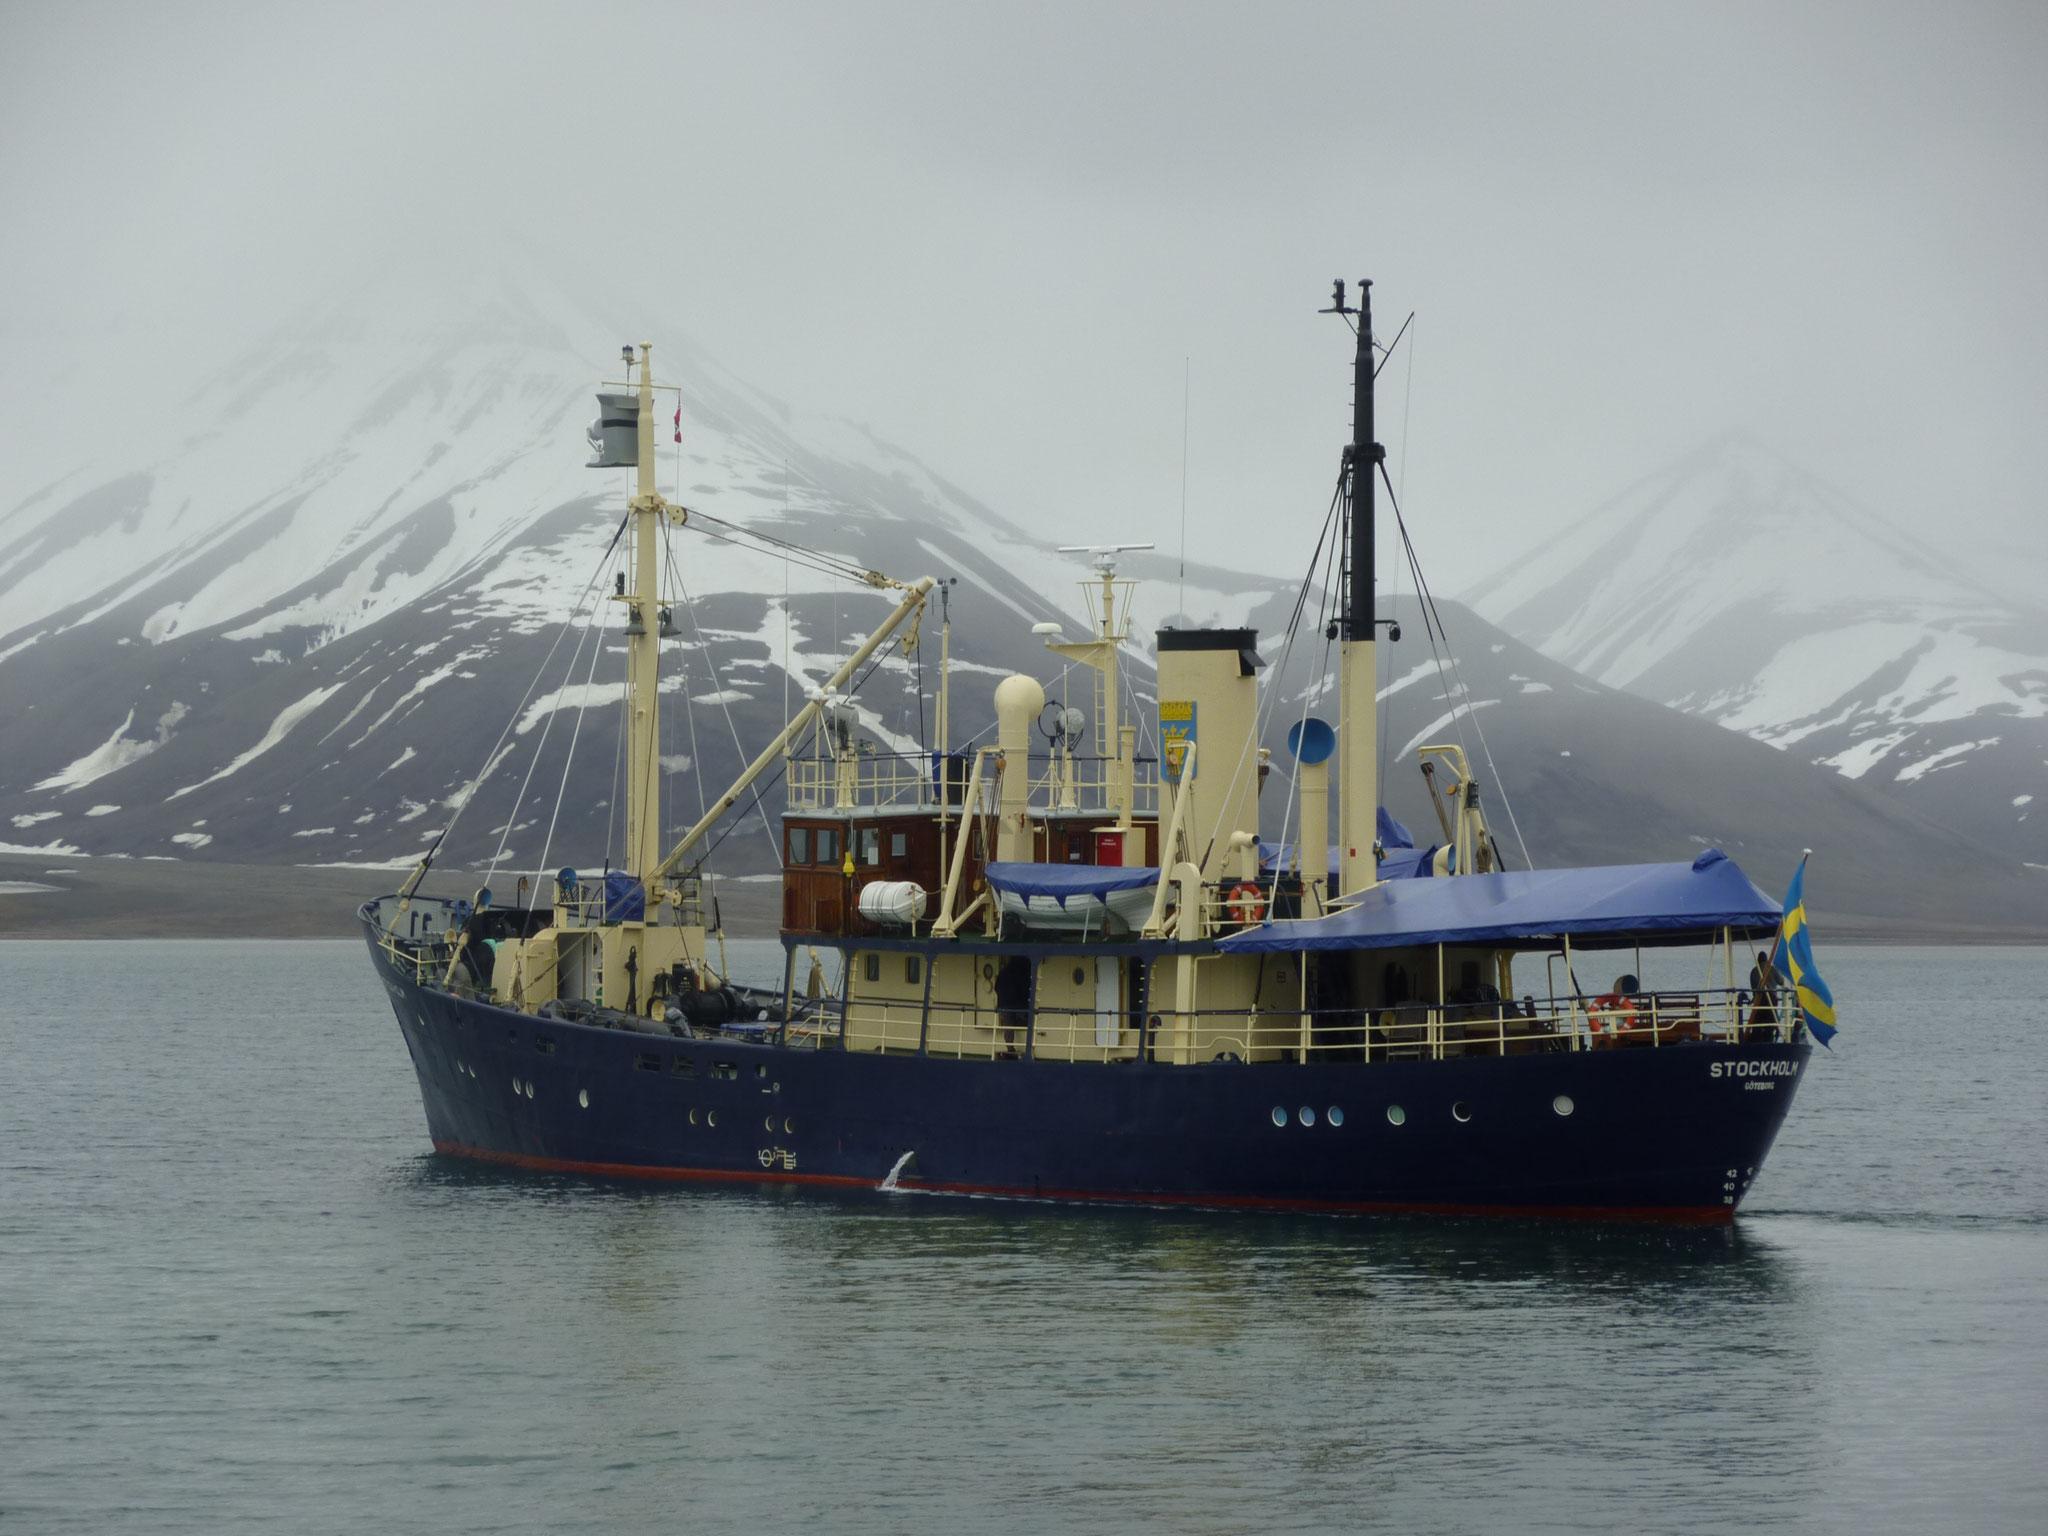 Mit ganz kleinen Schiffen für 12 Passagiere